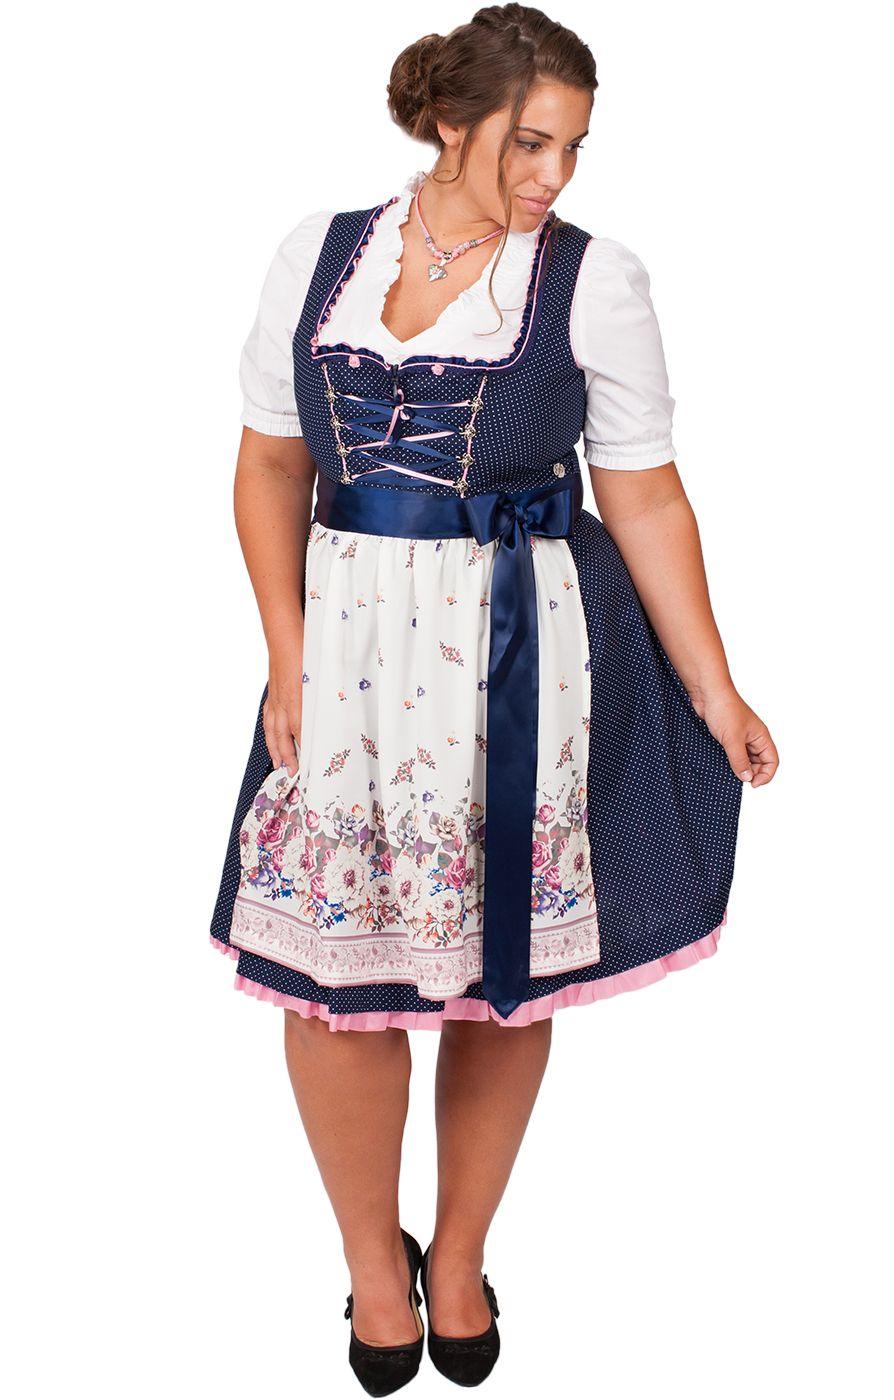 Mididirndl 2tlg 58cm Plus Size Blau Rosa In 2020 Dirndl Mode Grosse Grossen Und Dirndl Grosse Grossen